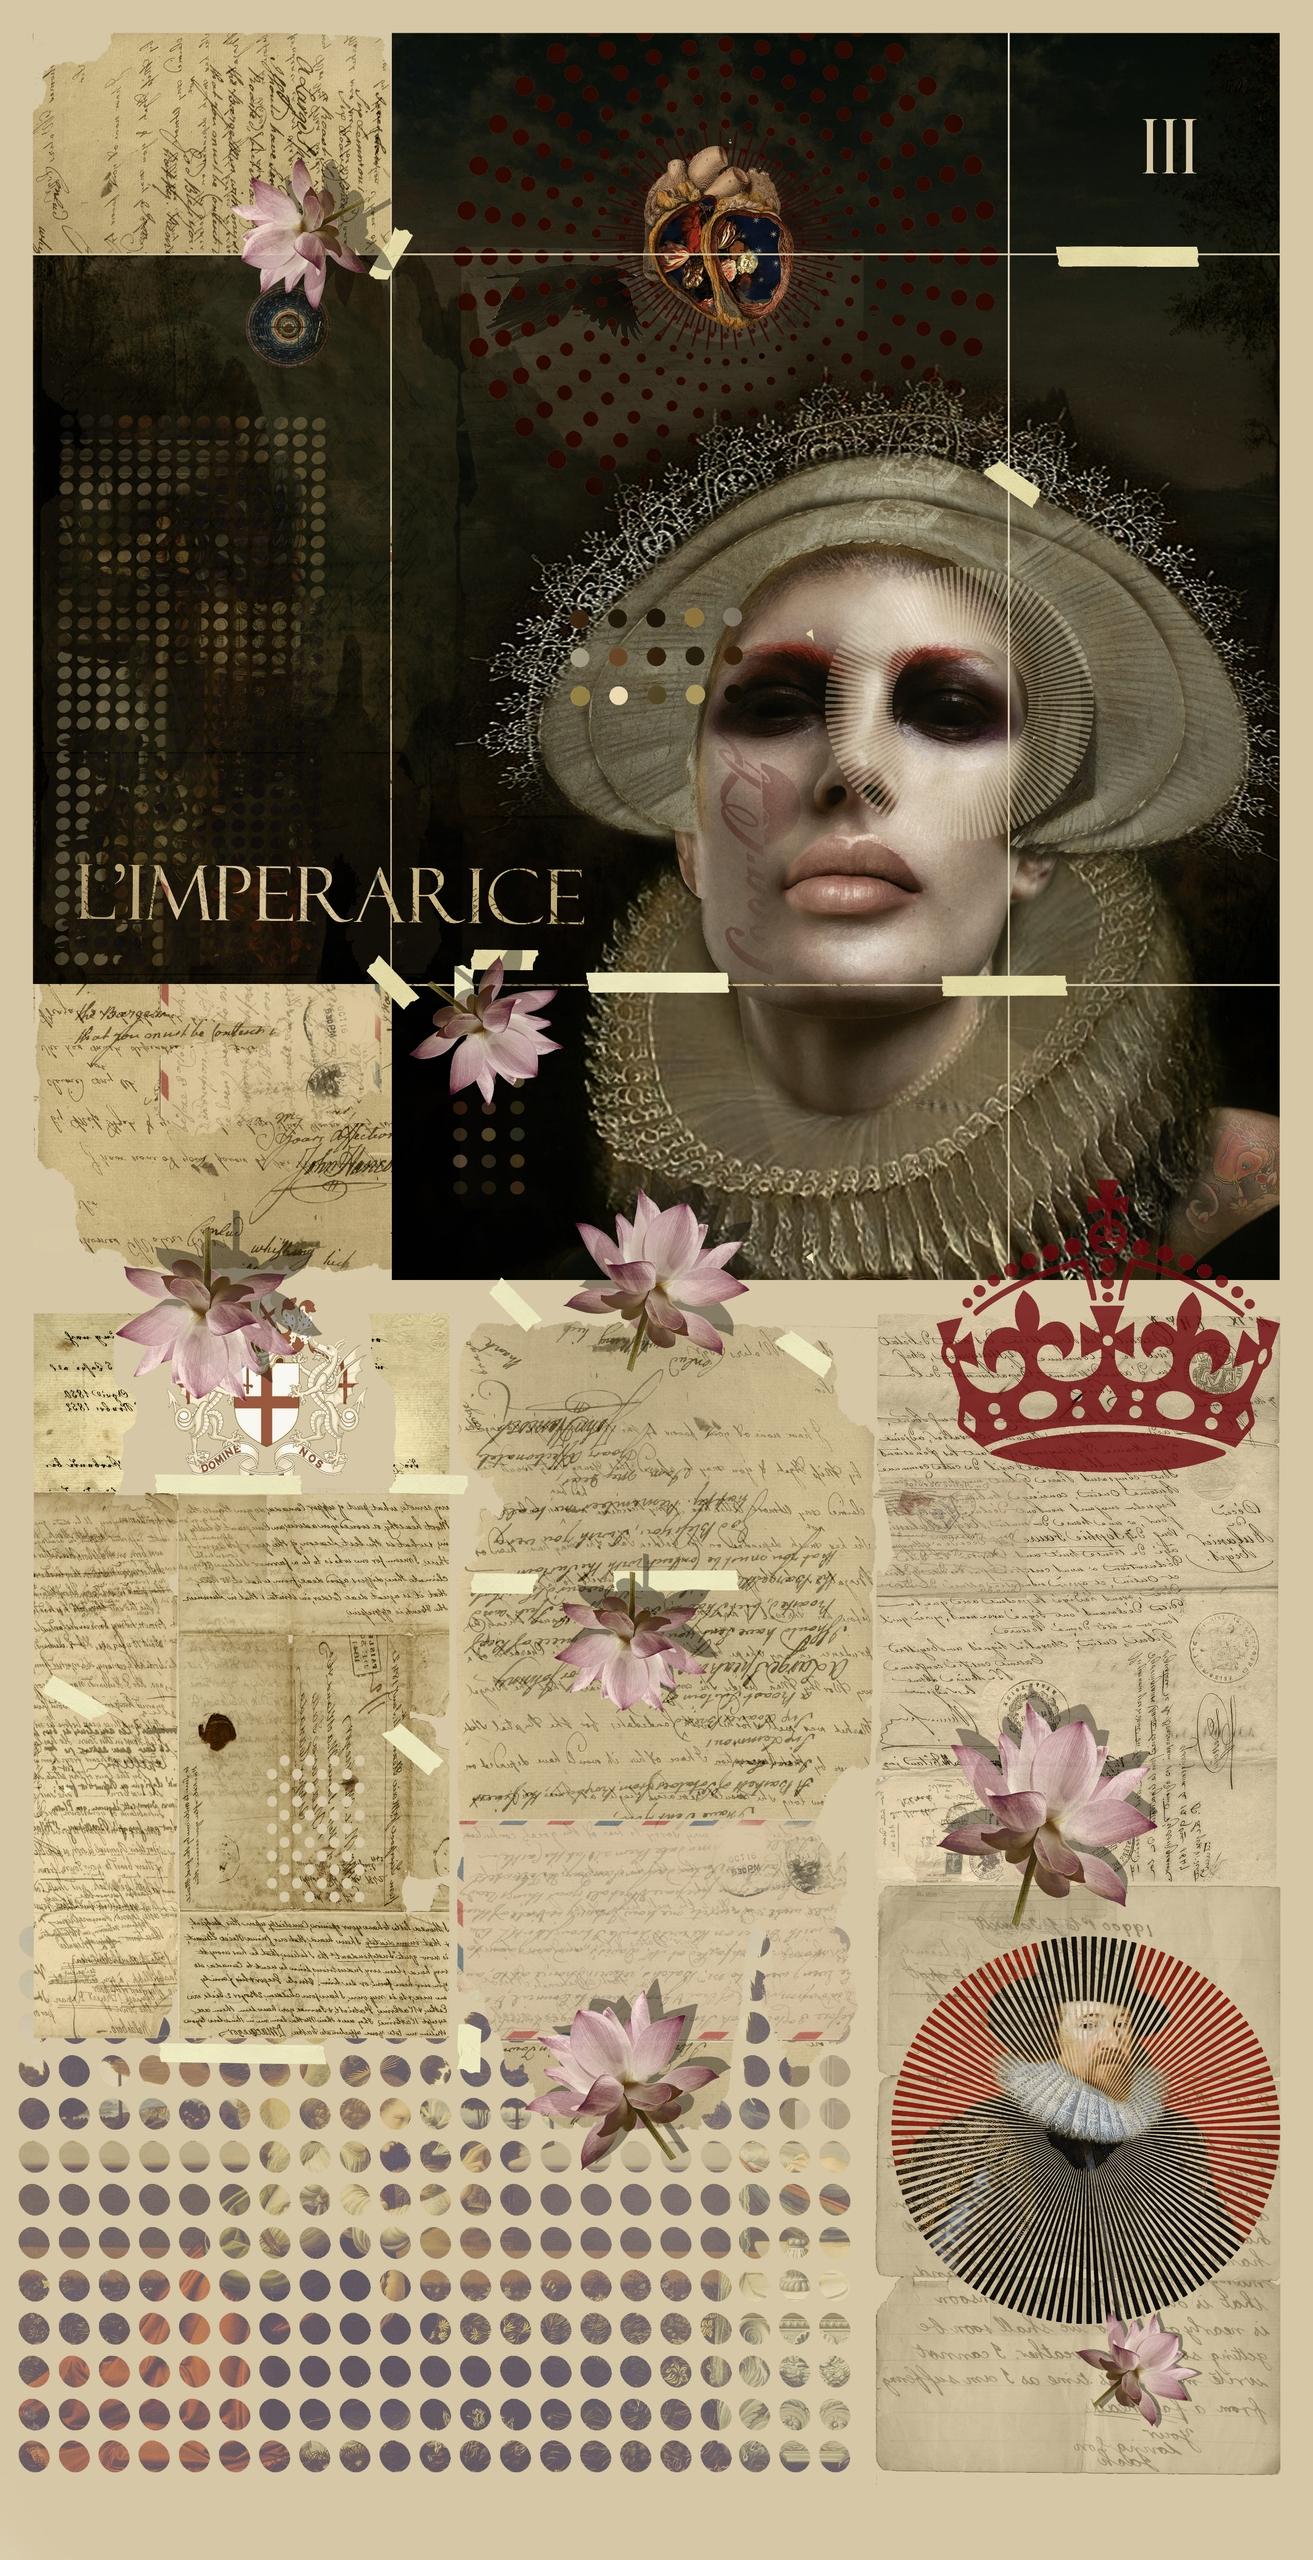 Tarot Card III - Empress card i - astroturf | ello